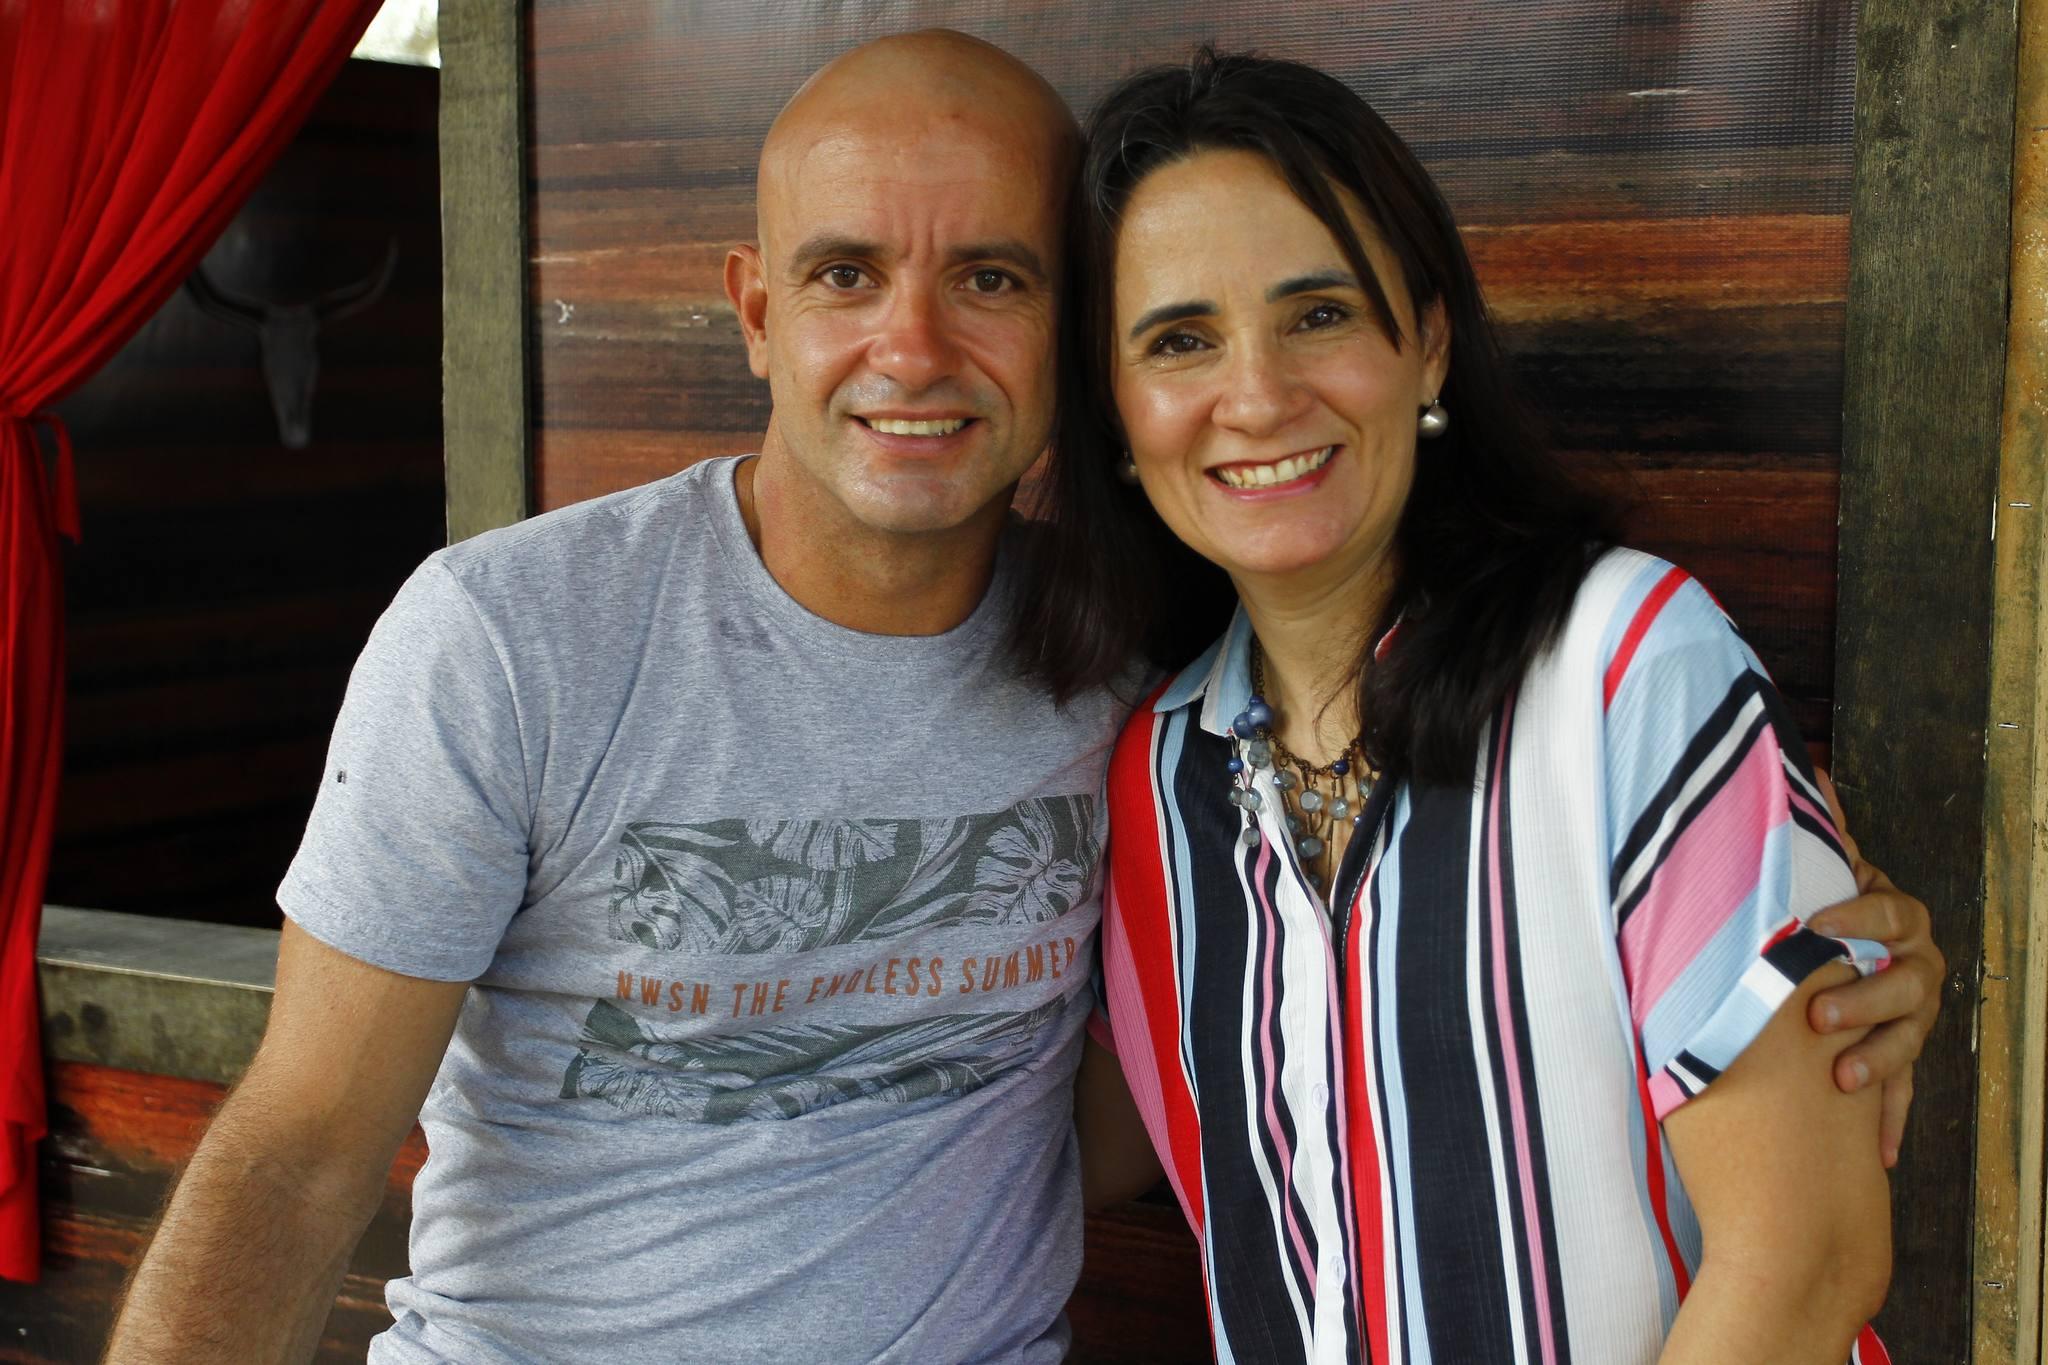 Tersio Augusto E Karla Alcoforado